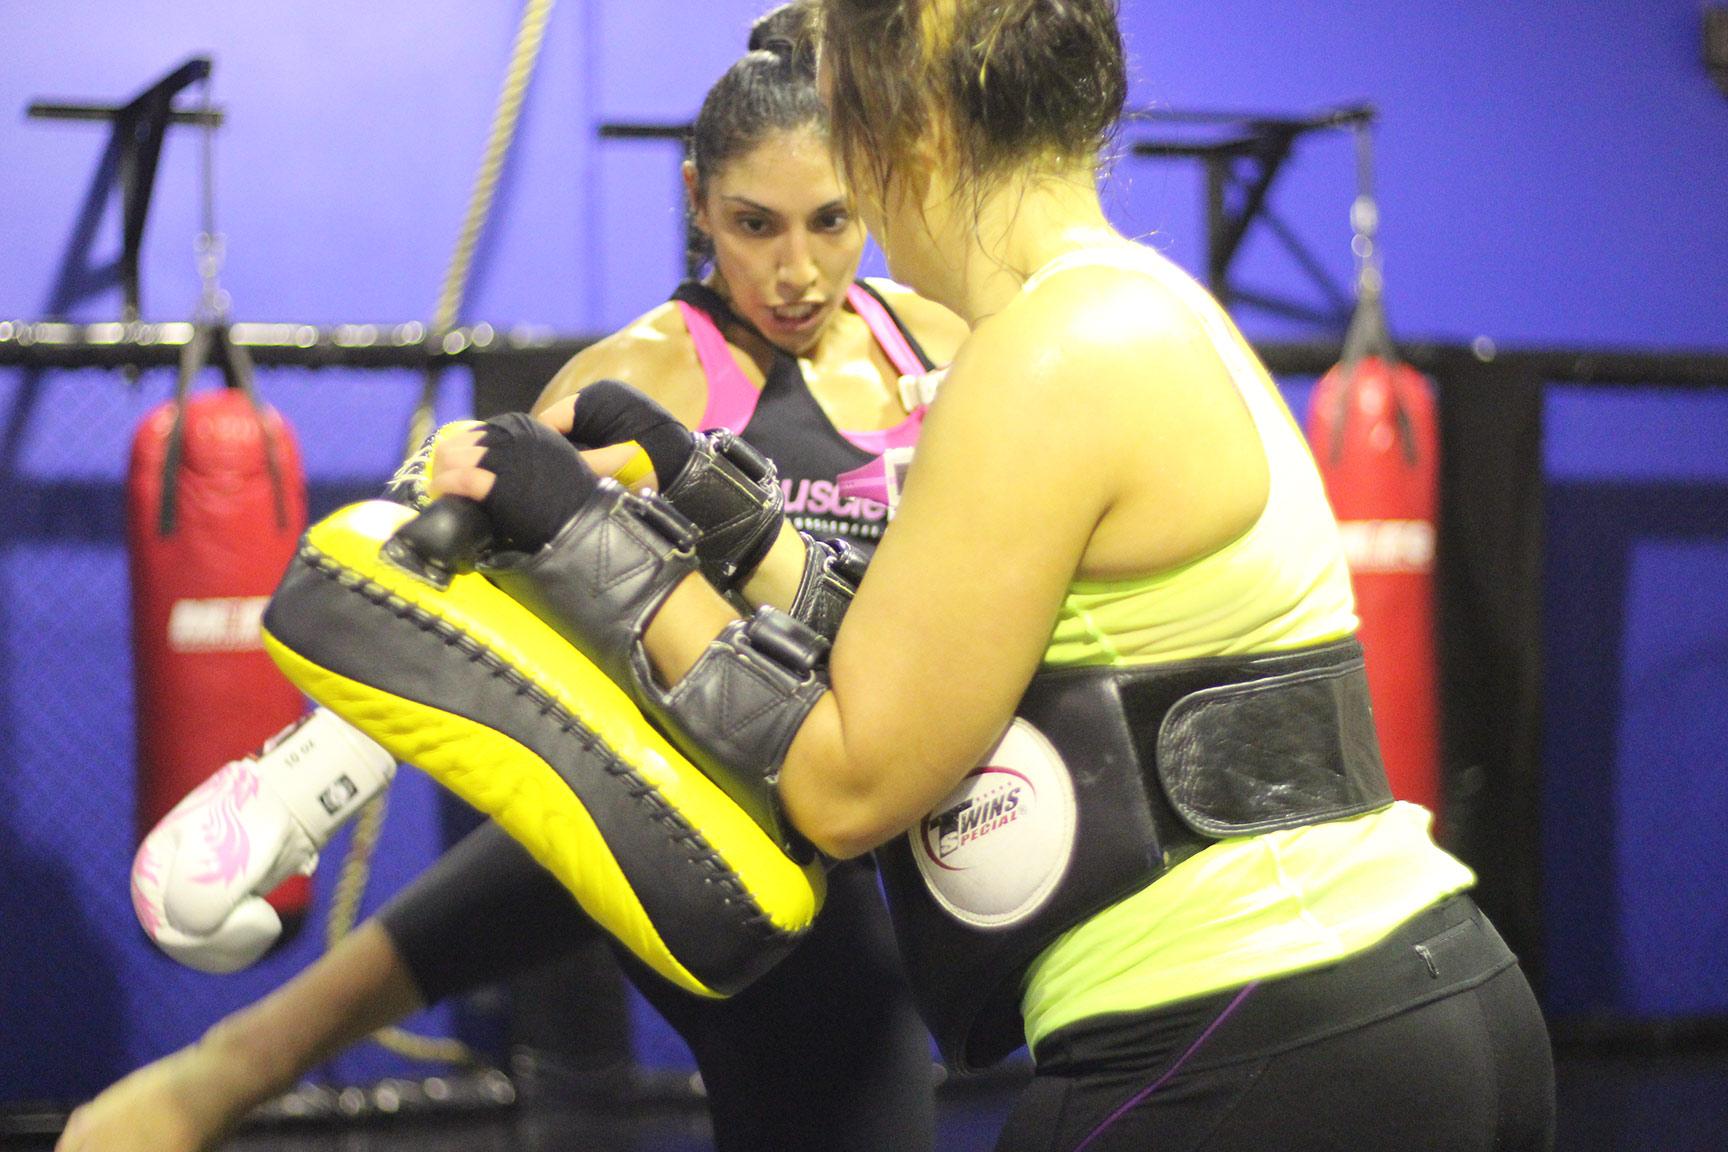 womens-kickboxing-class-m1fc-2